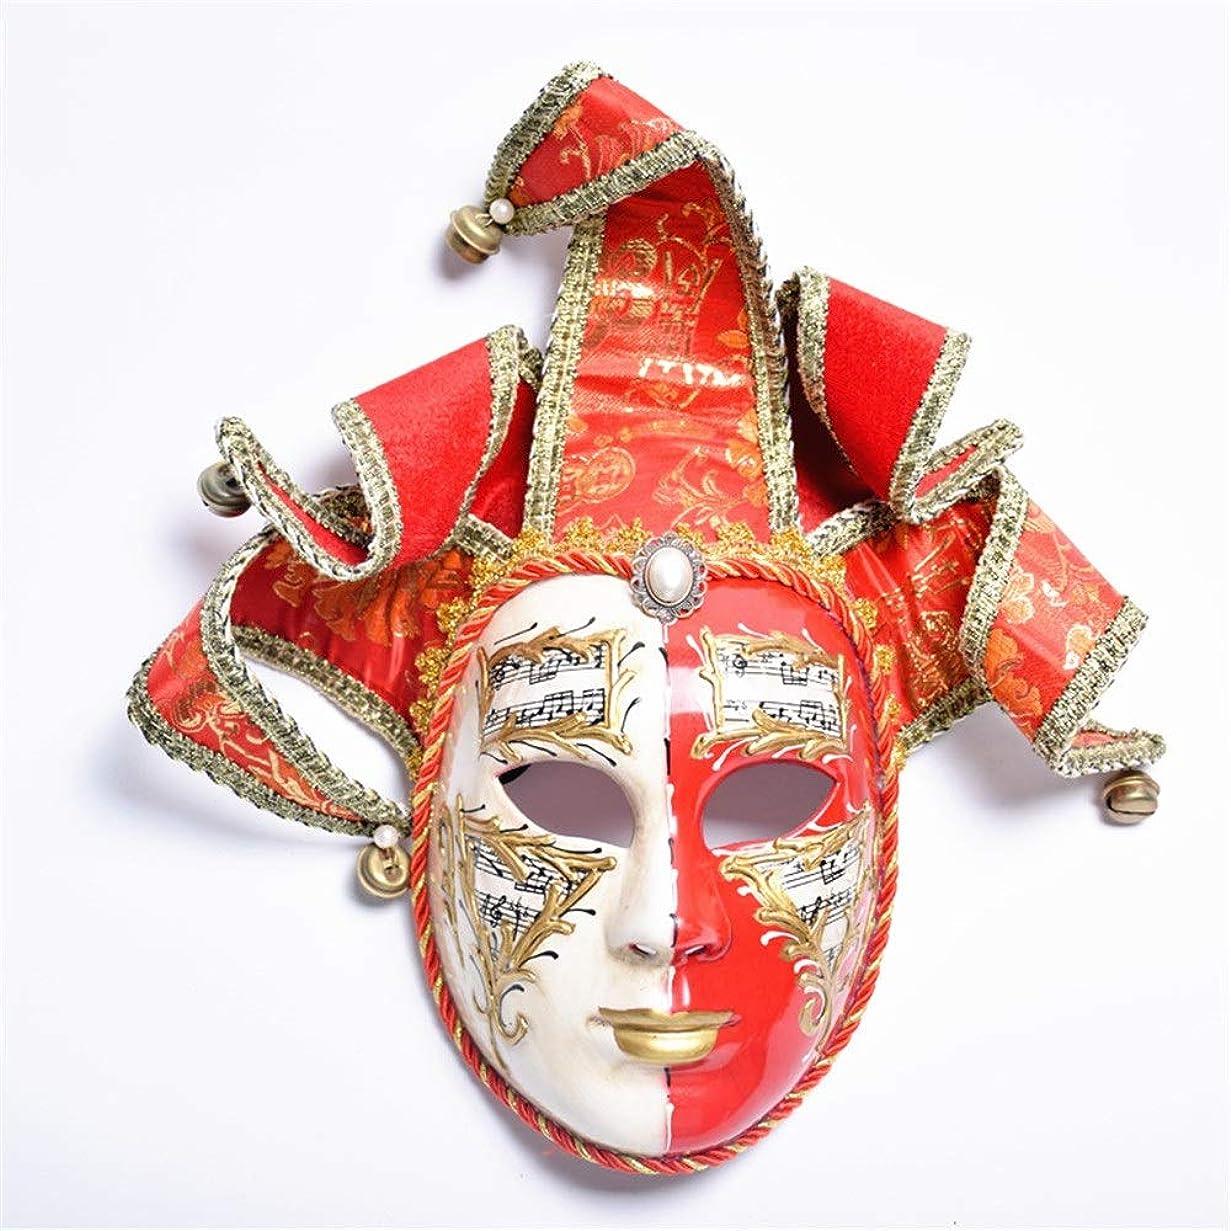 通知お手伝いさんとしてダンスマスク レッドゴールドマスク女性仮装パーティーナイトクラブロールプレイング装飾プラスチックマスク ホリデーパーティー用品 (色 : Red+Gold, サイズ : 33x31cm)